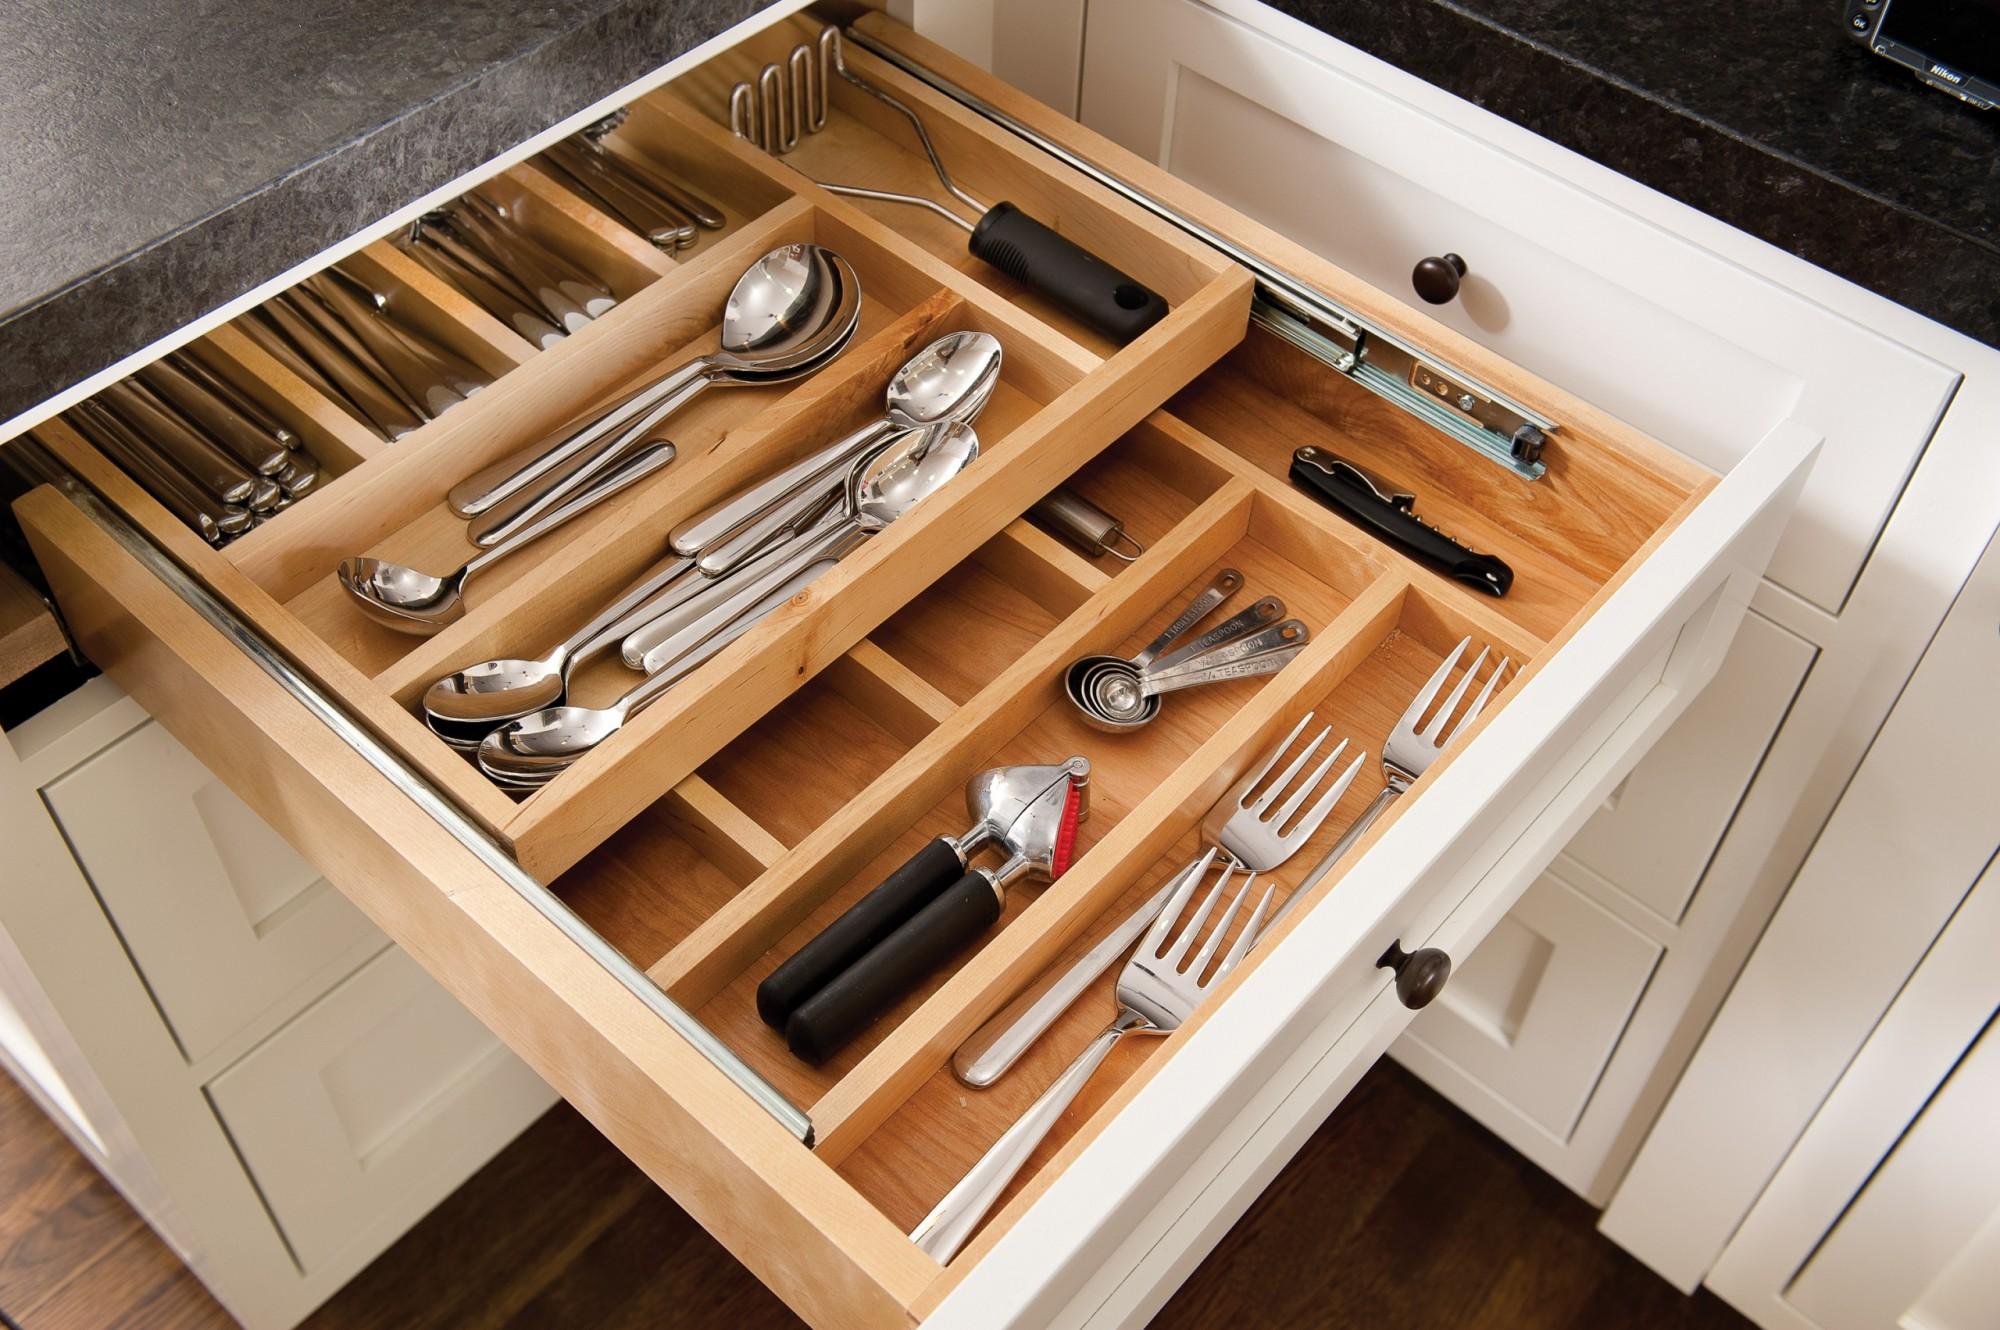 08 21 Hhr utensil drawer